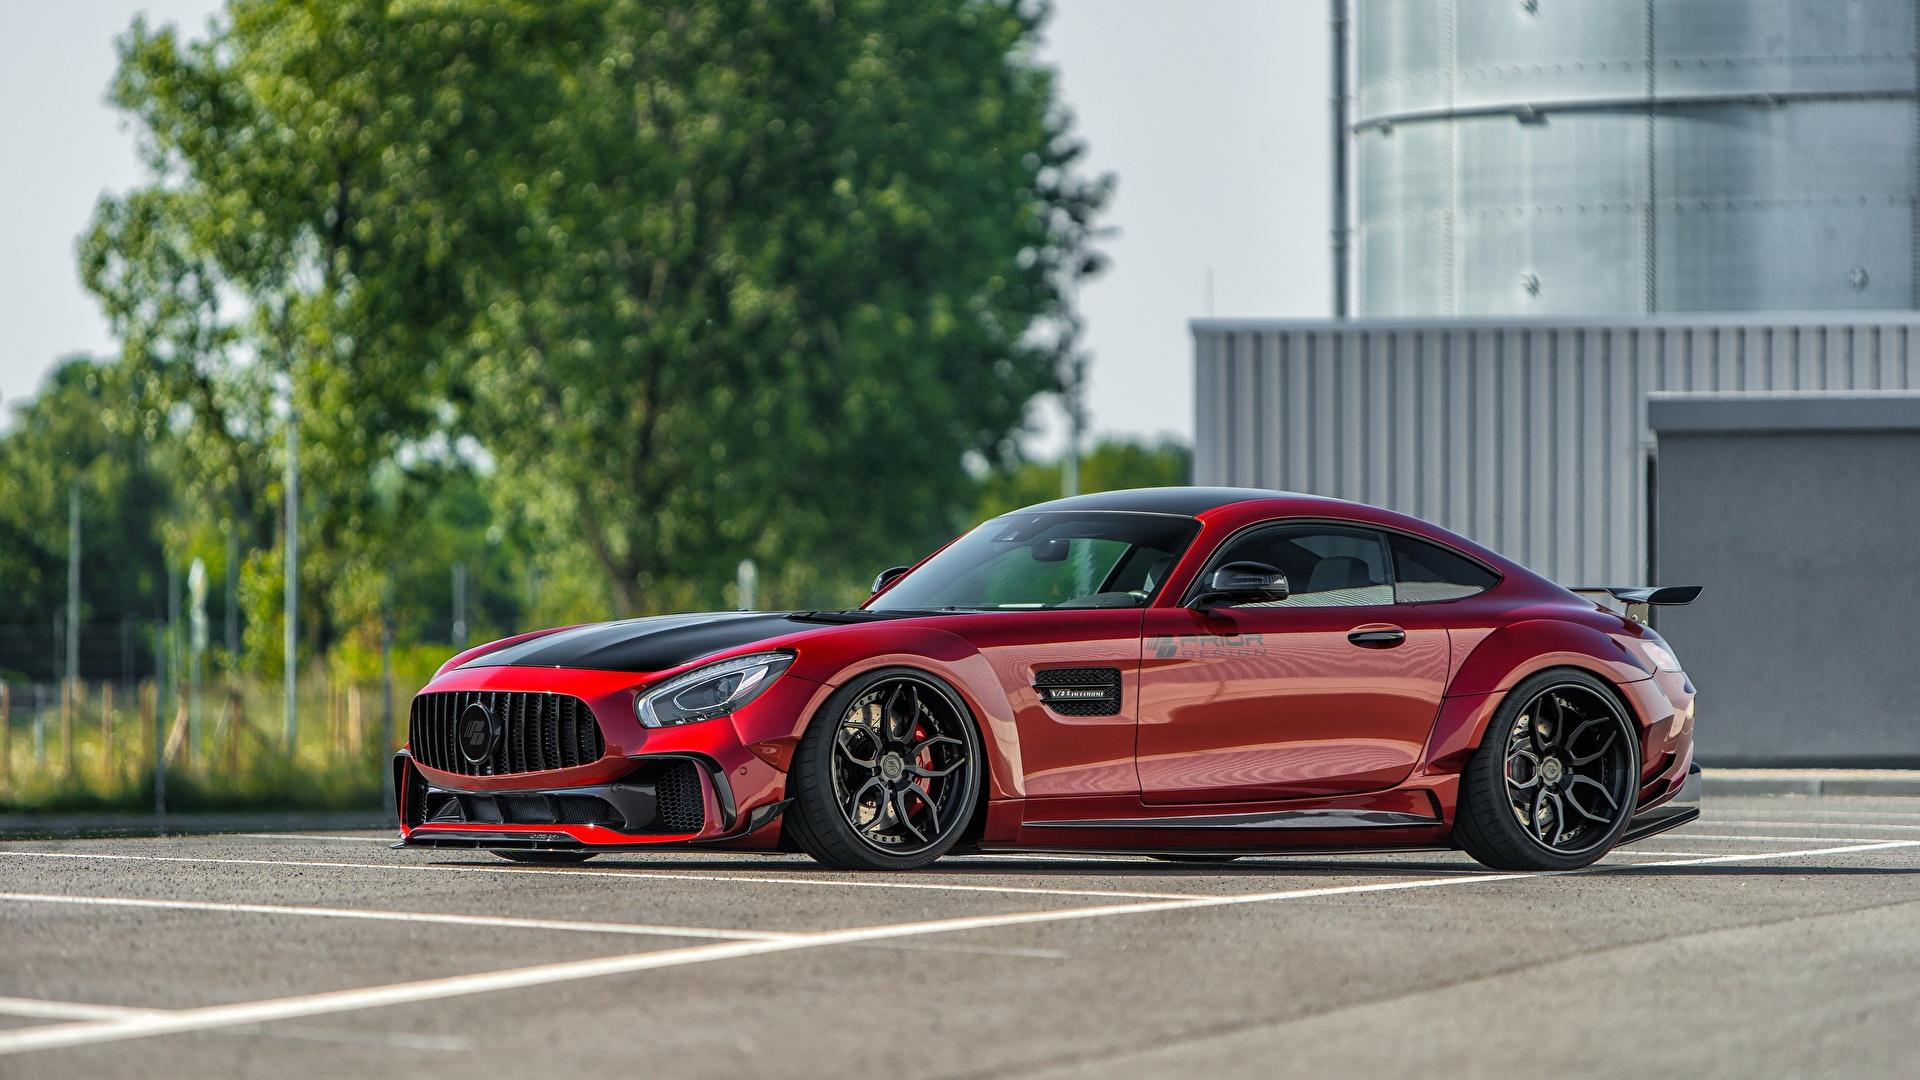 Фотографии Мерседес бенц AMG GT красных Сбоку машины Металлик 1920x1080 Mercedes-Benz красная красные Красный авто машина Автомобили автомобиль